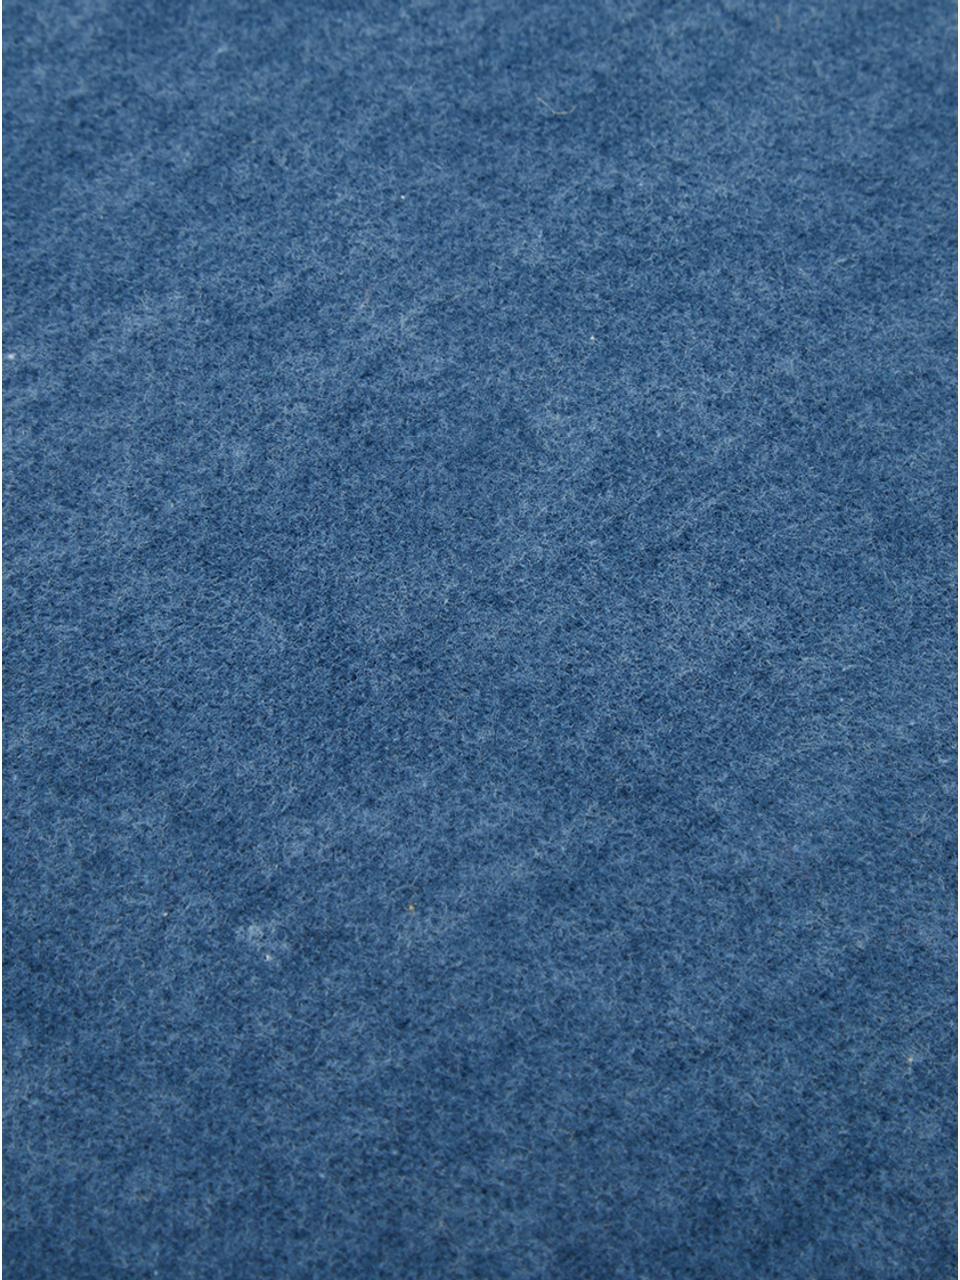 Flanellen dekbedovertrek Groove, Weeftechniek: flanel, Indigoblauw, 240 x 220 cm